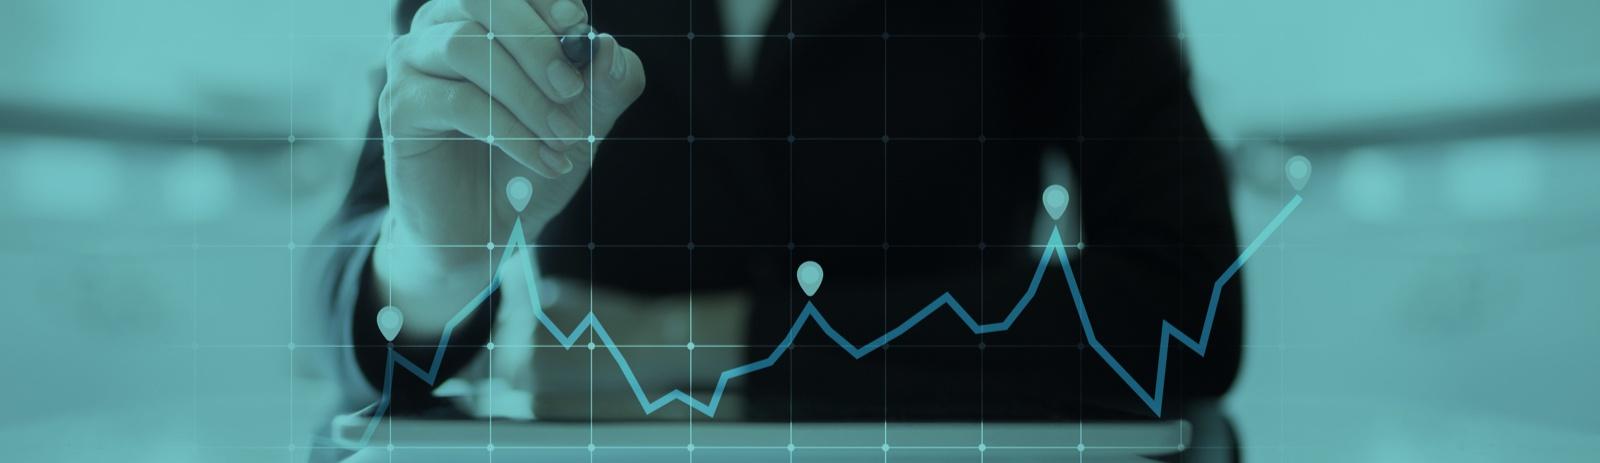 EXTRA - PILLAR-Hand-Graph-1600x463px.jpg